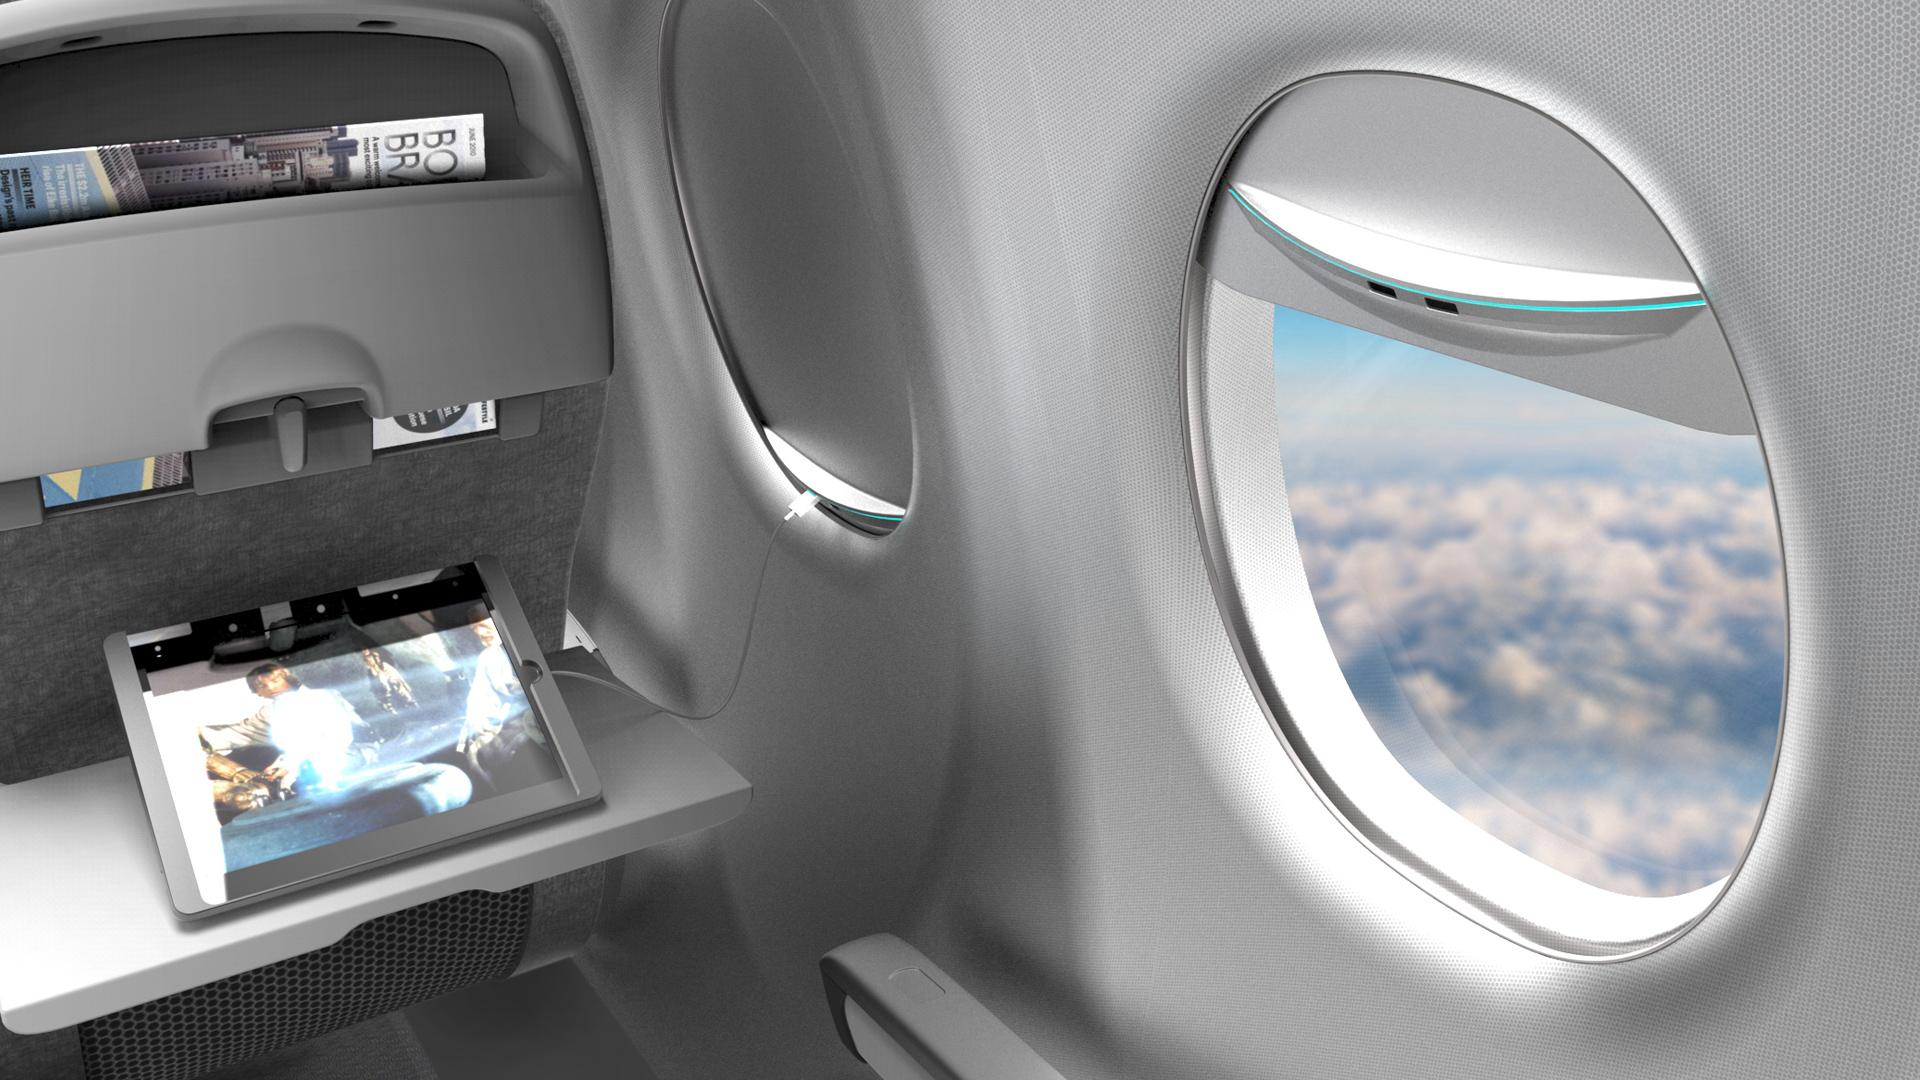 Las ventanas solares nos permitirán cargar nuestros dispositivos en el avión